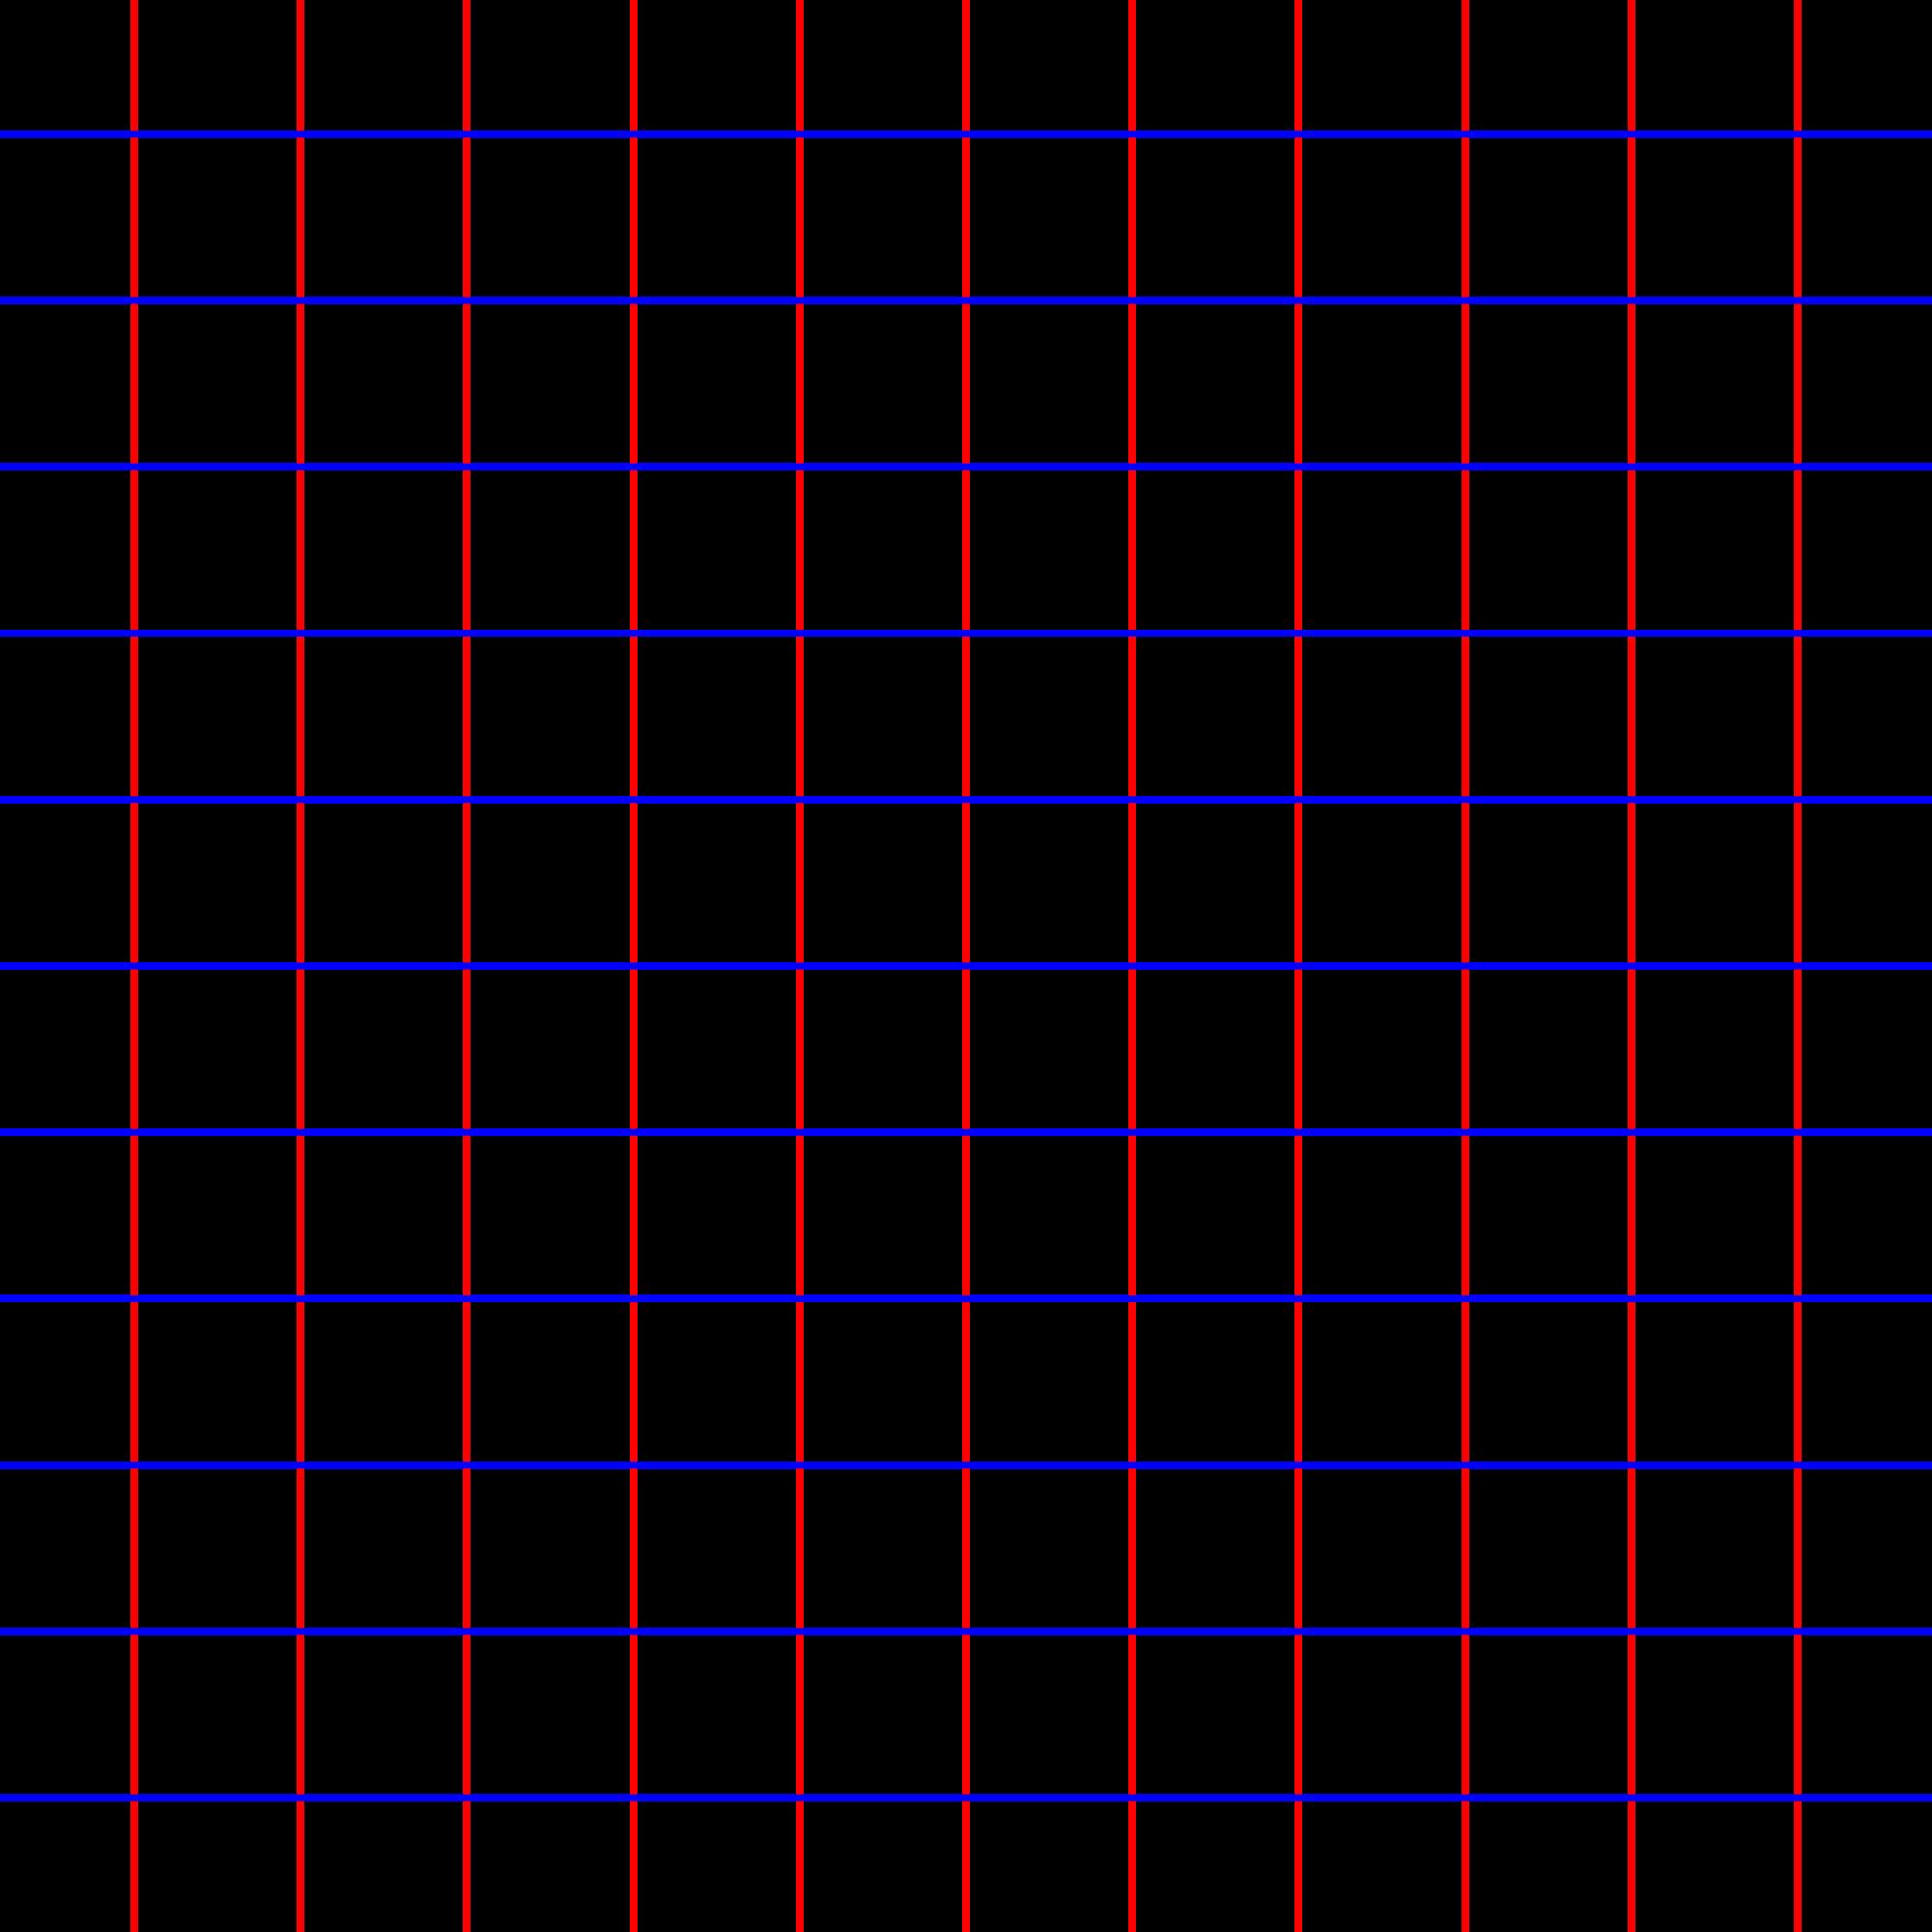 цветов картинки лист в клетку для презентации нежный время оригинальный